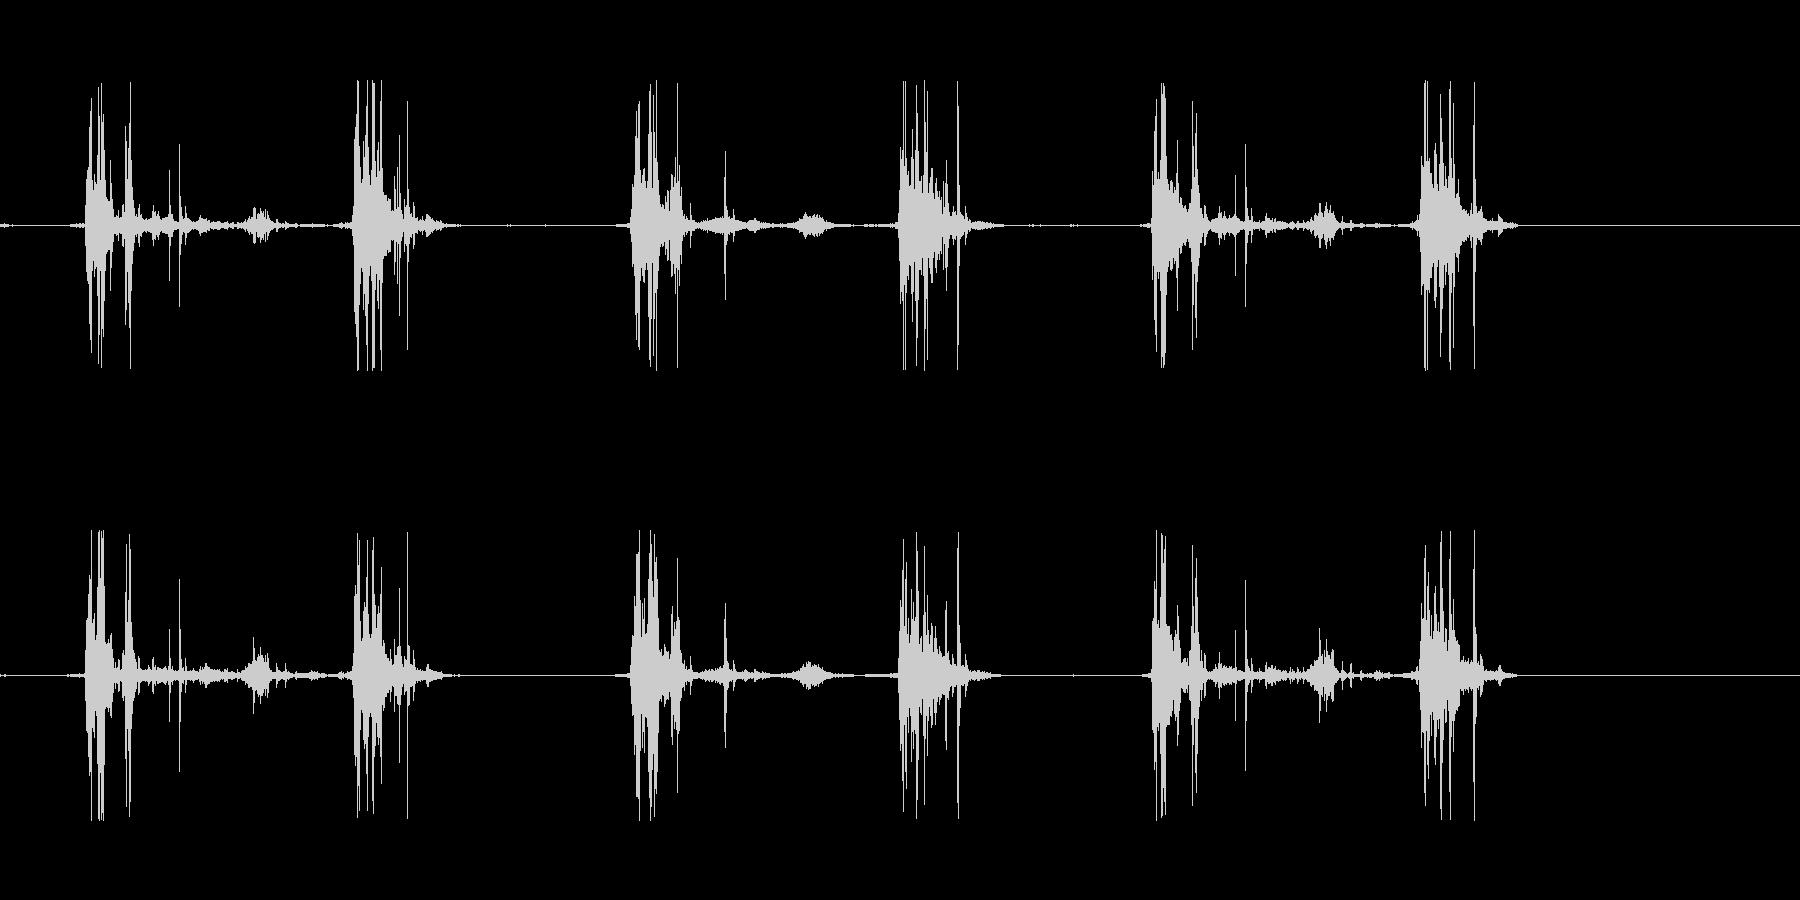 山の足音などにの未再生の波形